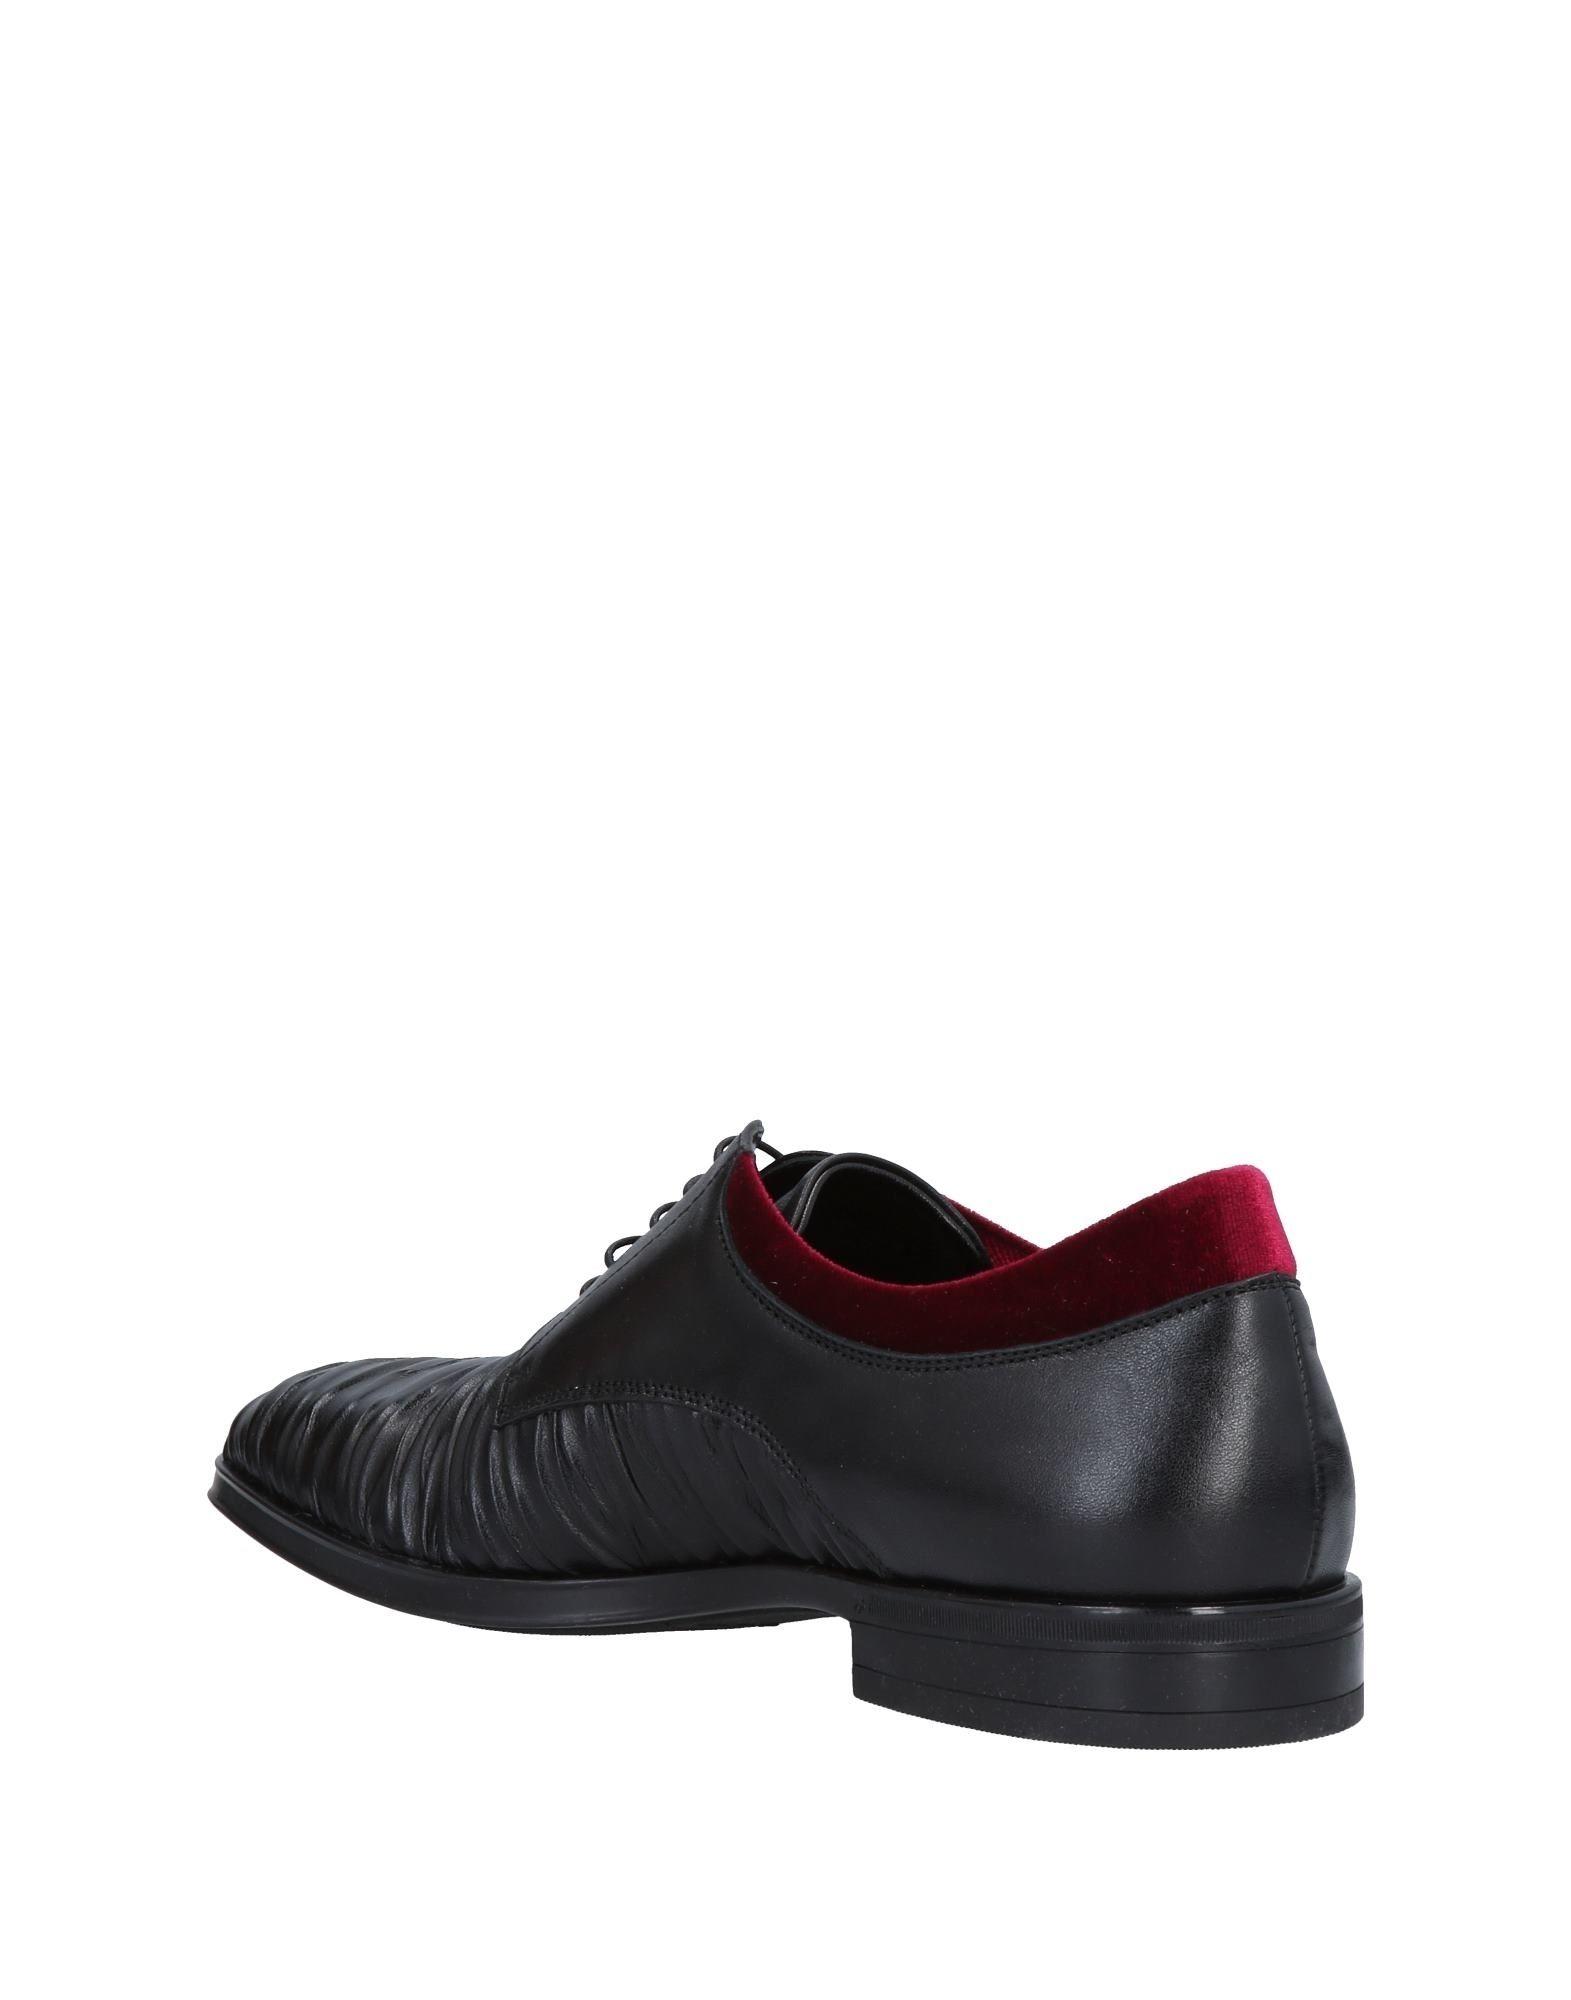 Giovanni Conti Schnürschuhe Herren  11471552TX Gute Qualität beliebte Schuhe